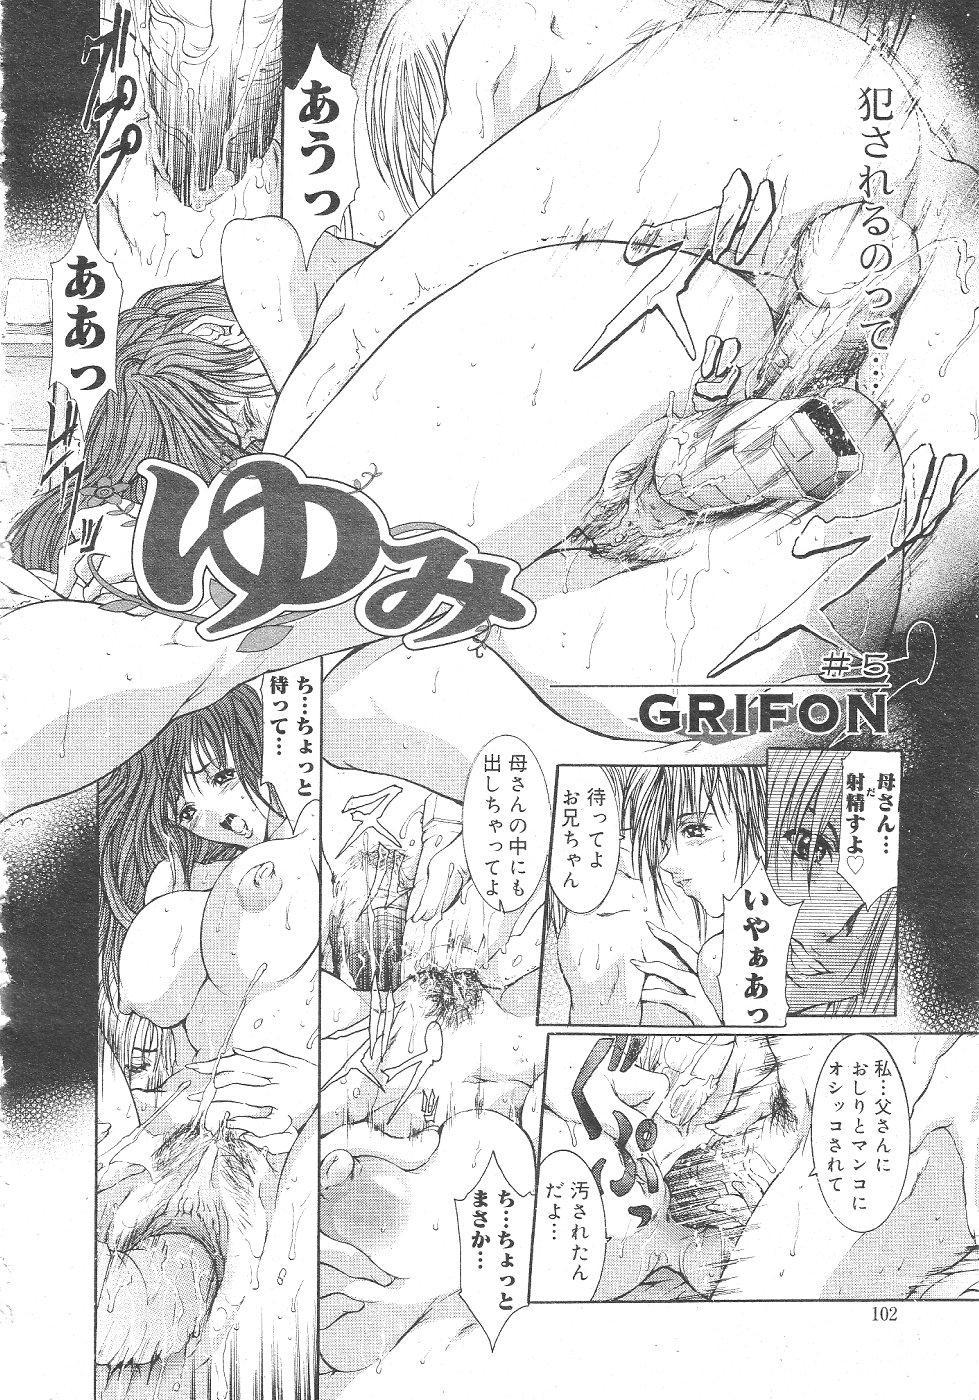 Gekkan Comic Muga 2004-06 Vol.10 105